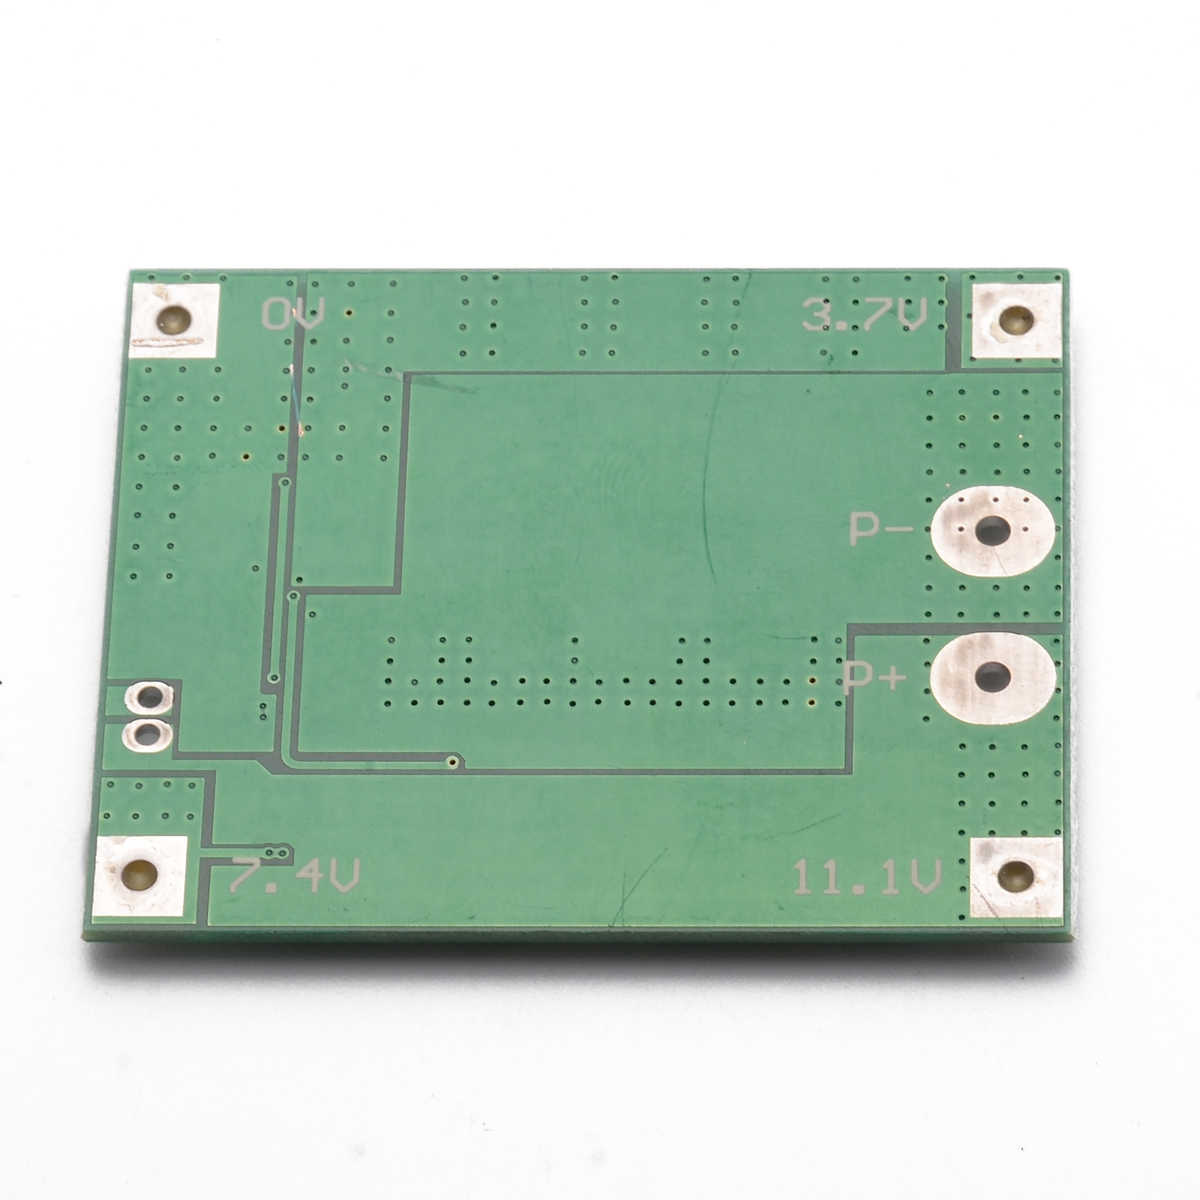 リチウムイオンリチウム電池充電器モジュール BMS 保護充電ボード電気 3 S 40A 保護プレート